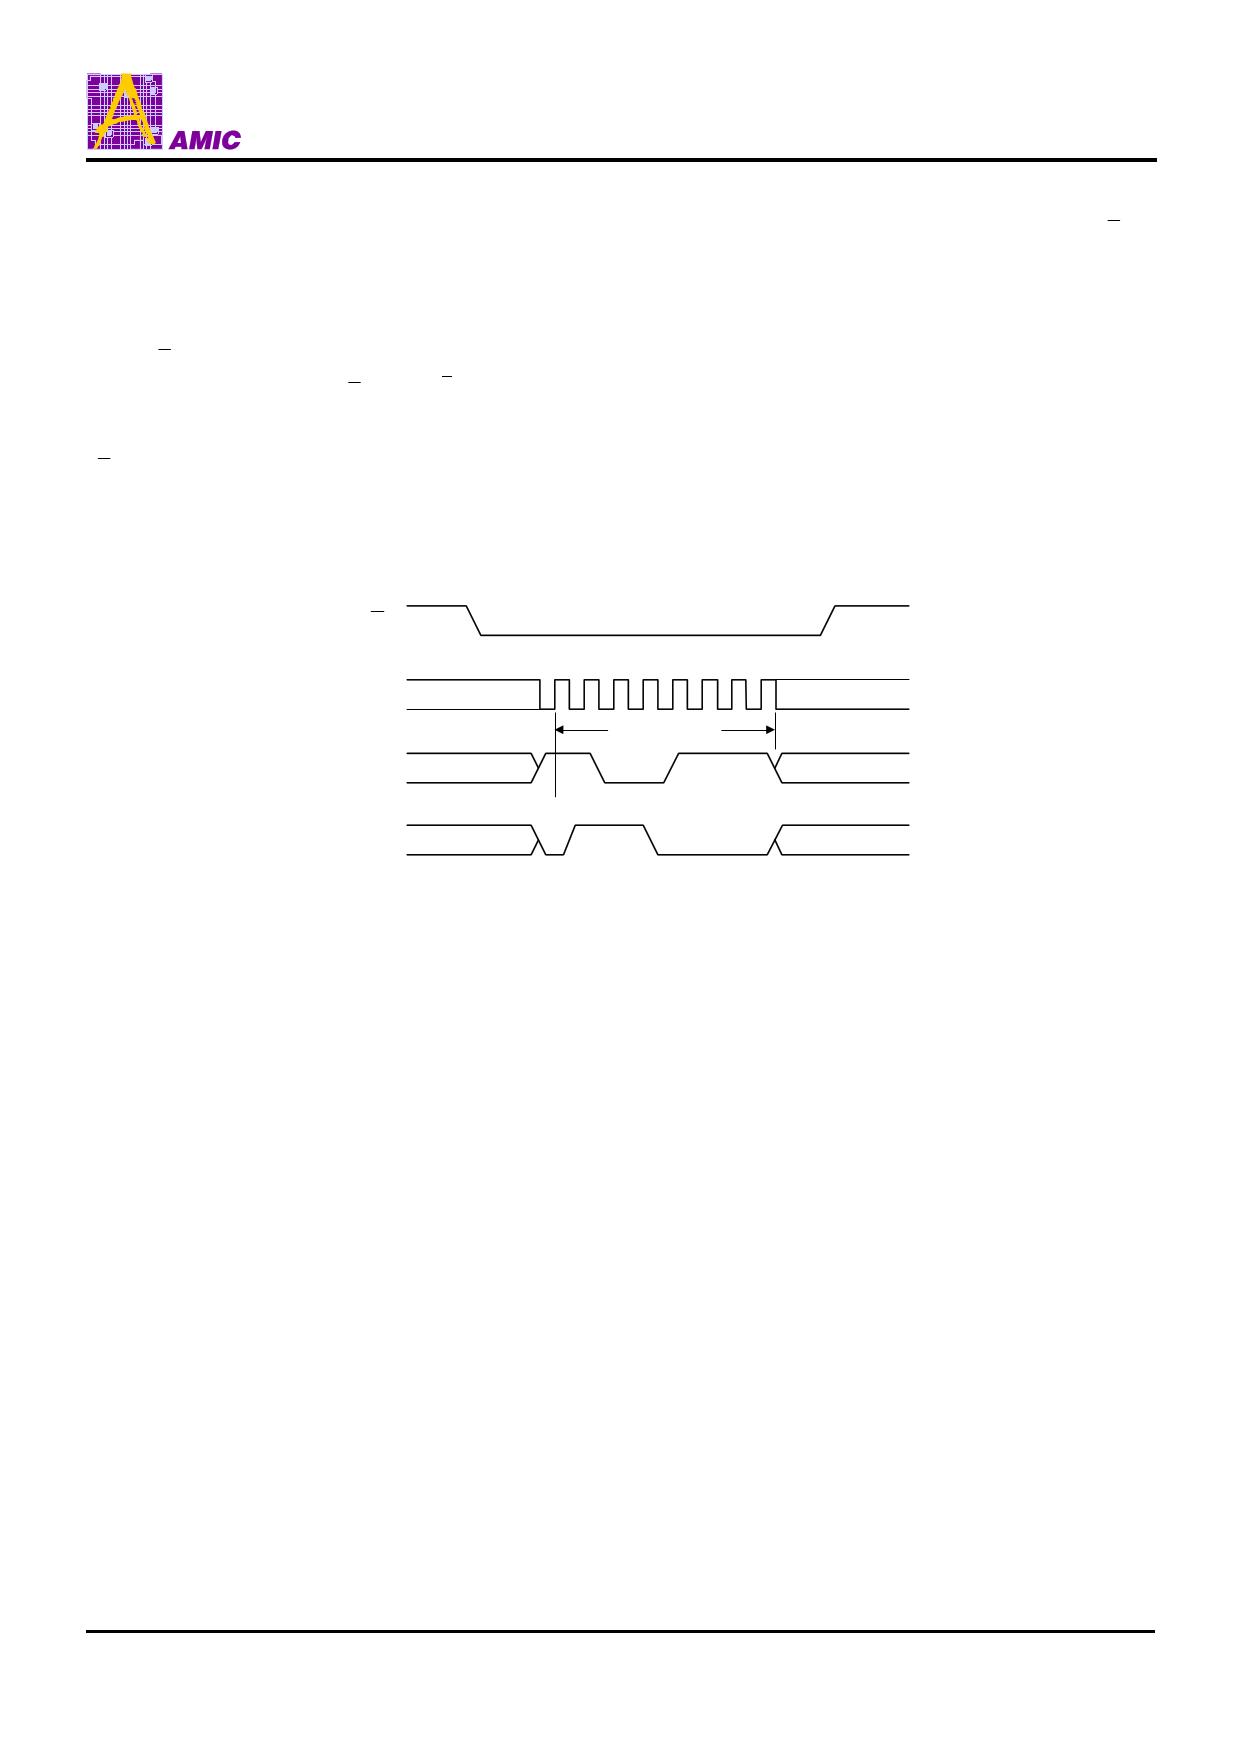 A25L16P transistor, igbt